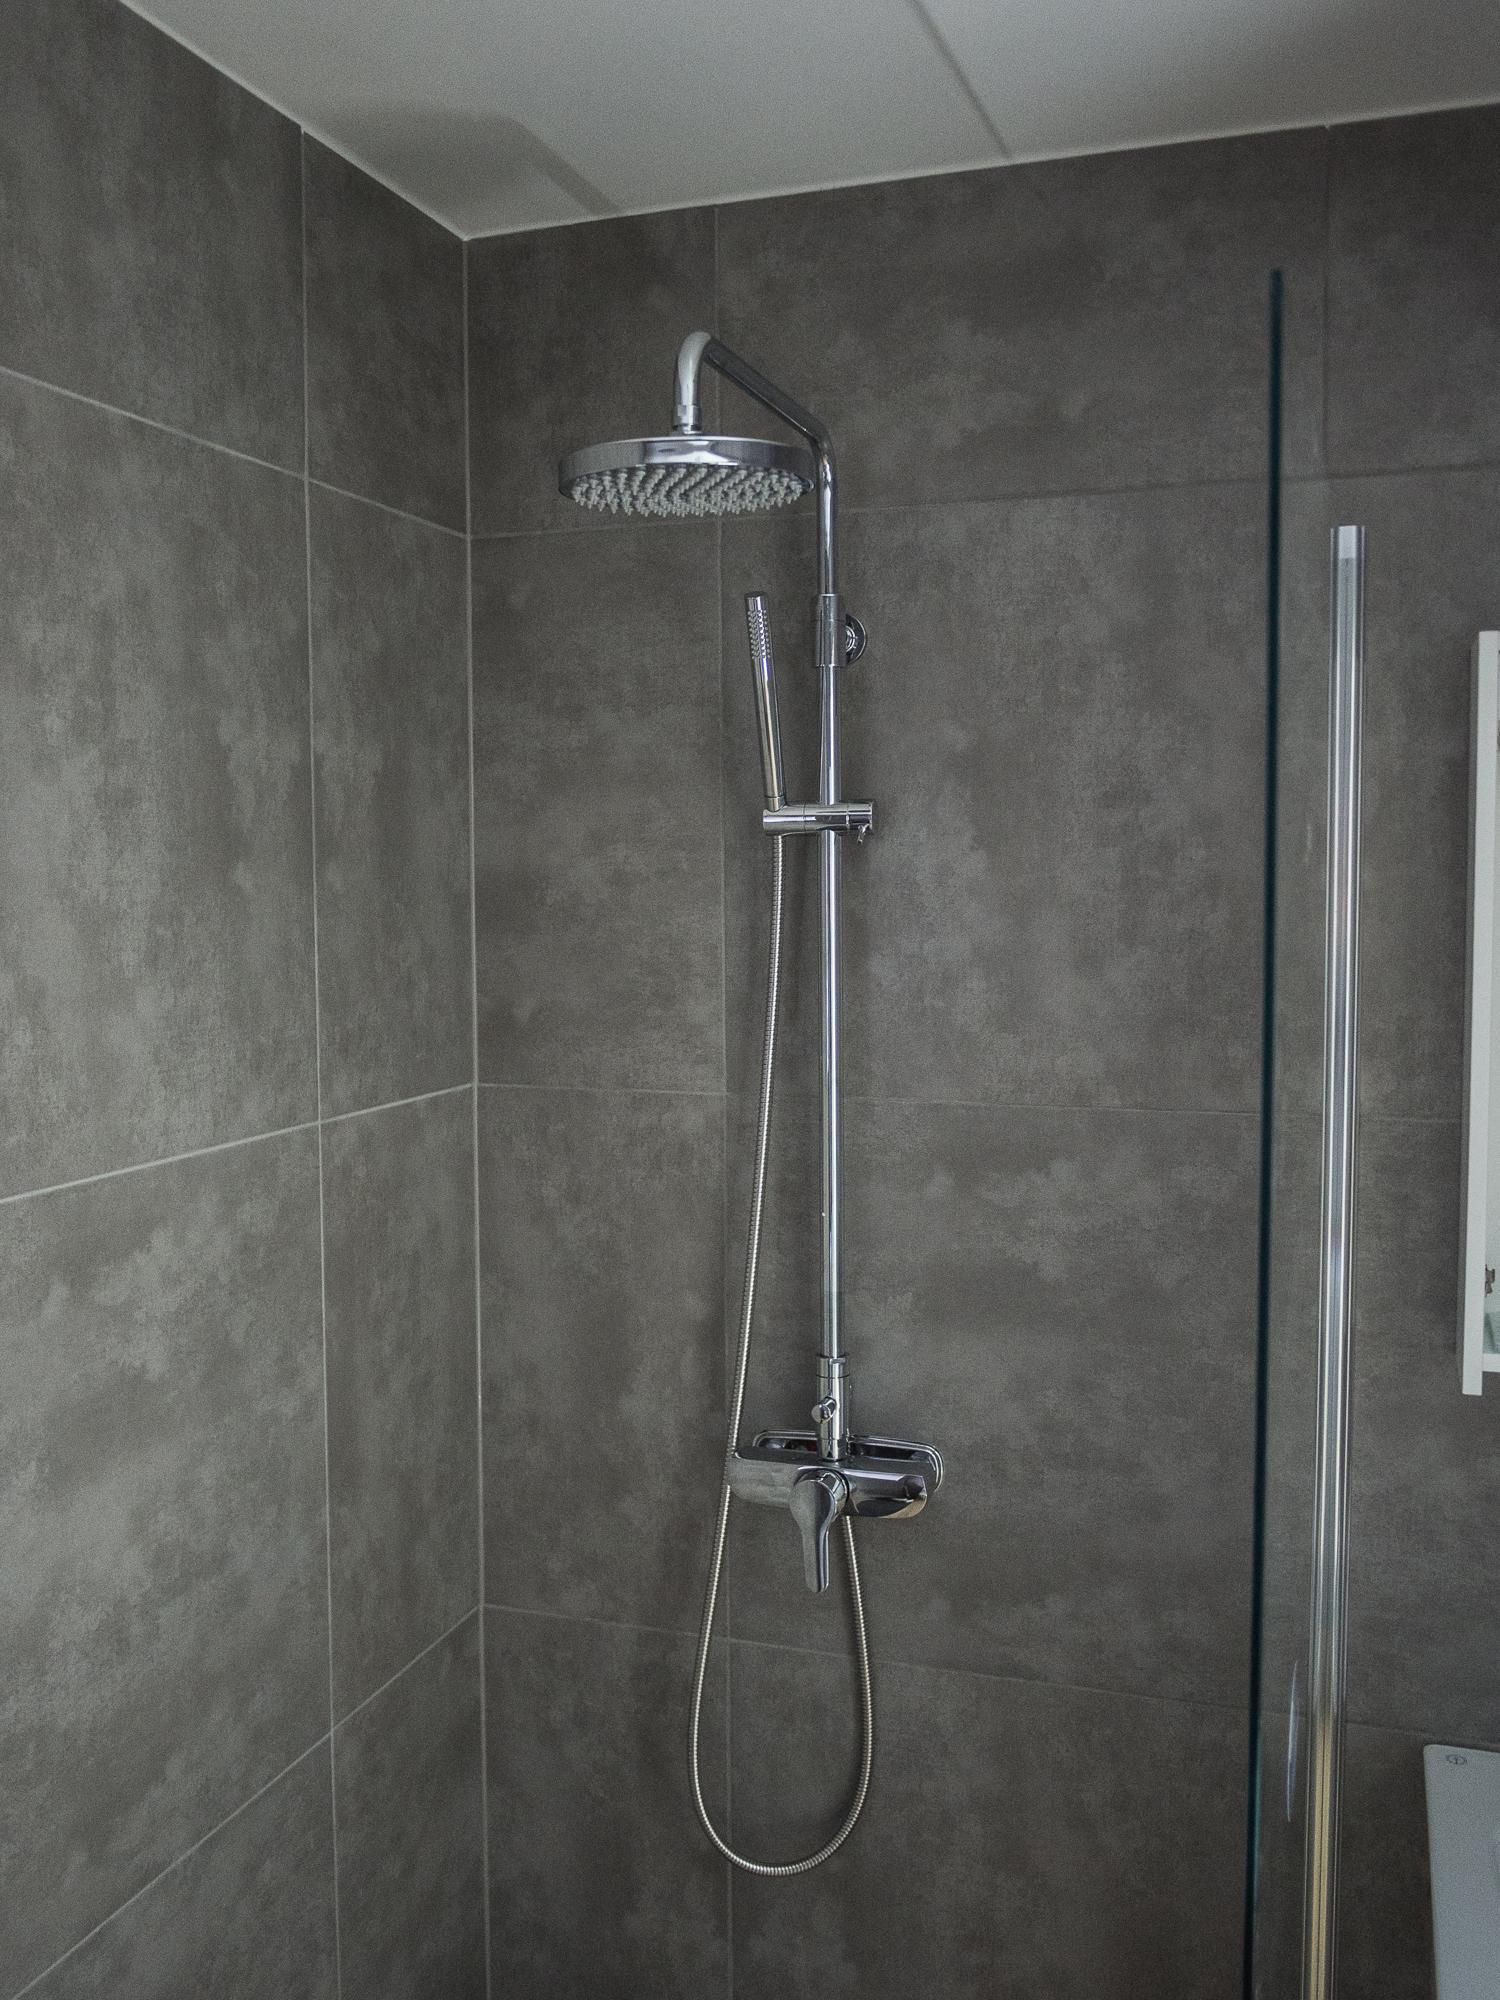 Badrummet nere är i princip klart.Duschsetet är från  Gustavsberg och heter  G2  (sponsor).  Kaklet är från  Konradssons Kakel och heter  Cement Gris Grå 60x60 cm (sponsor).